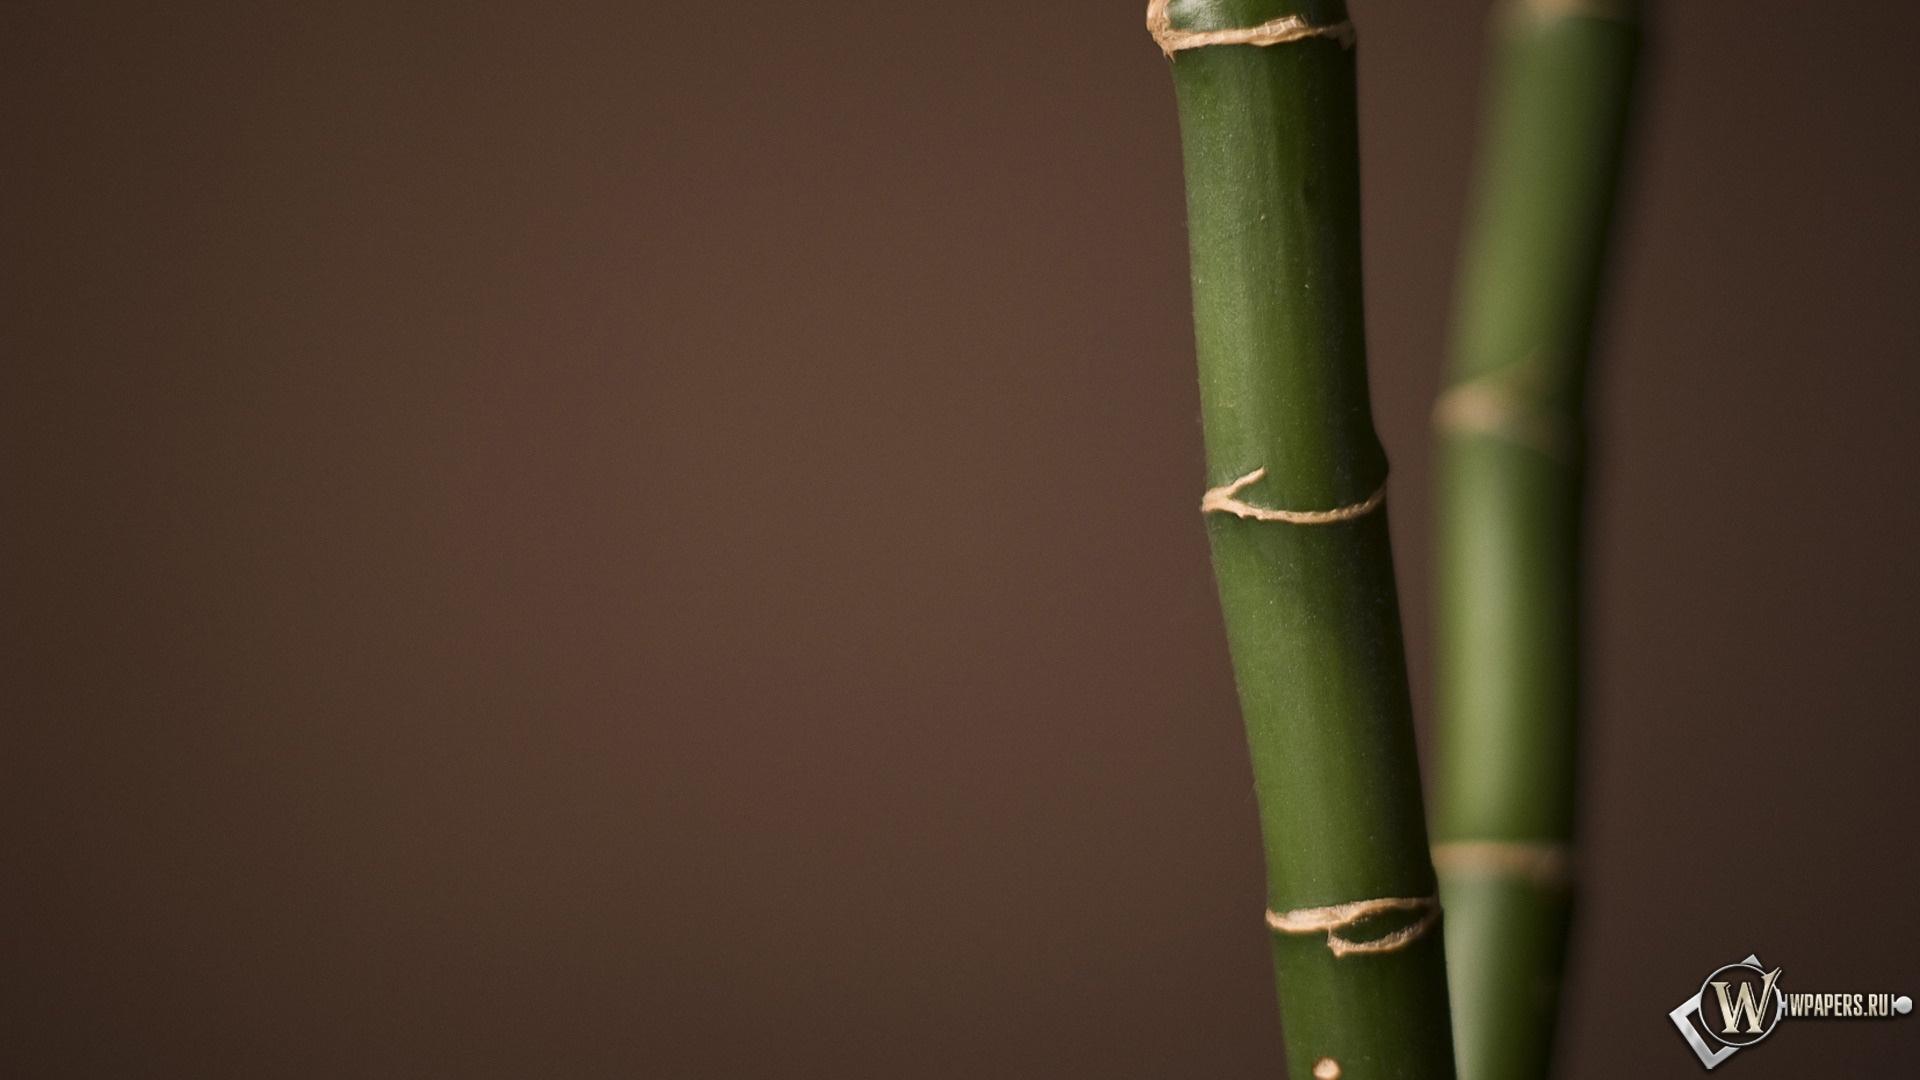 Мини Бамбук 1920x1080